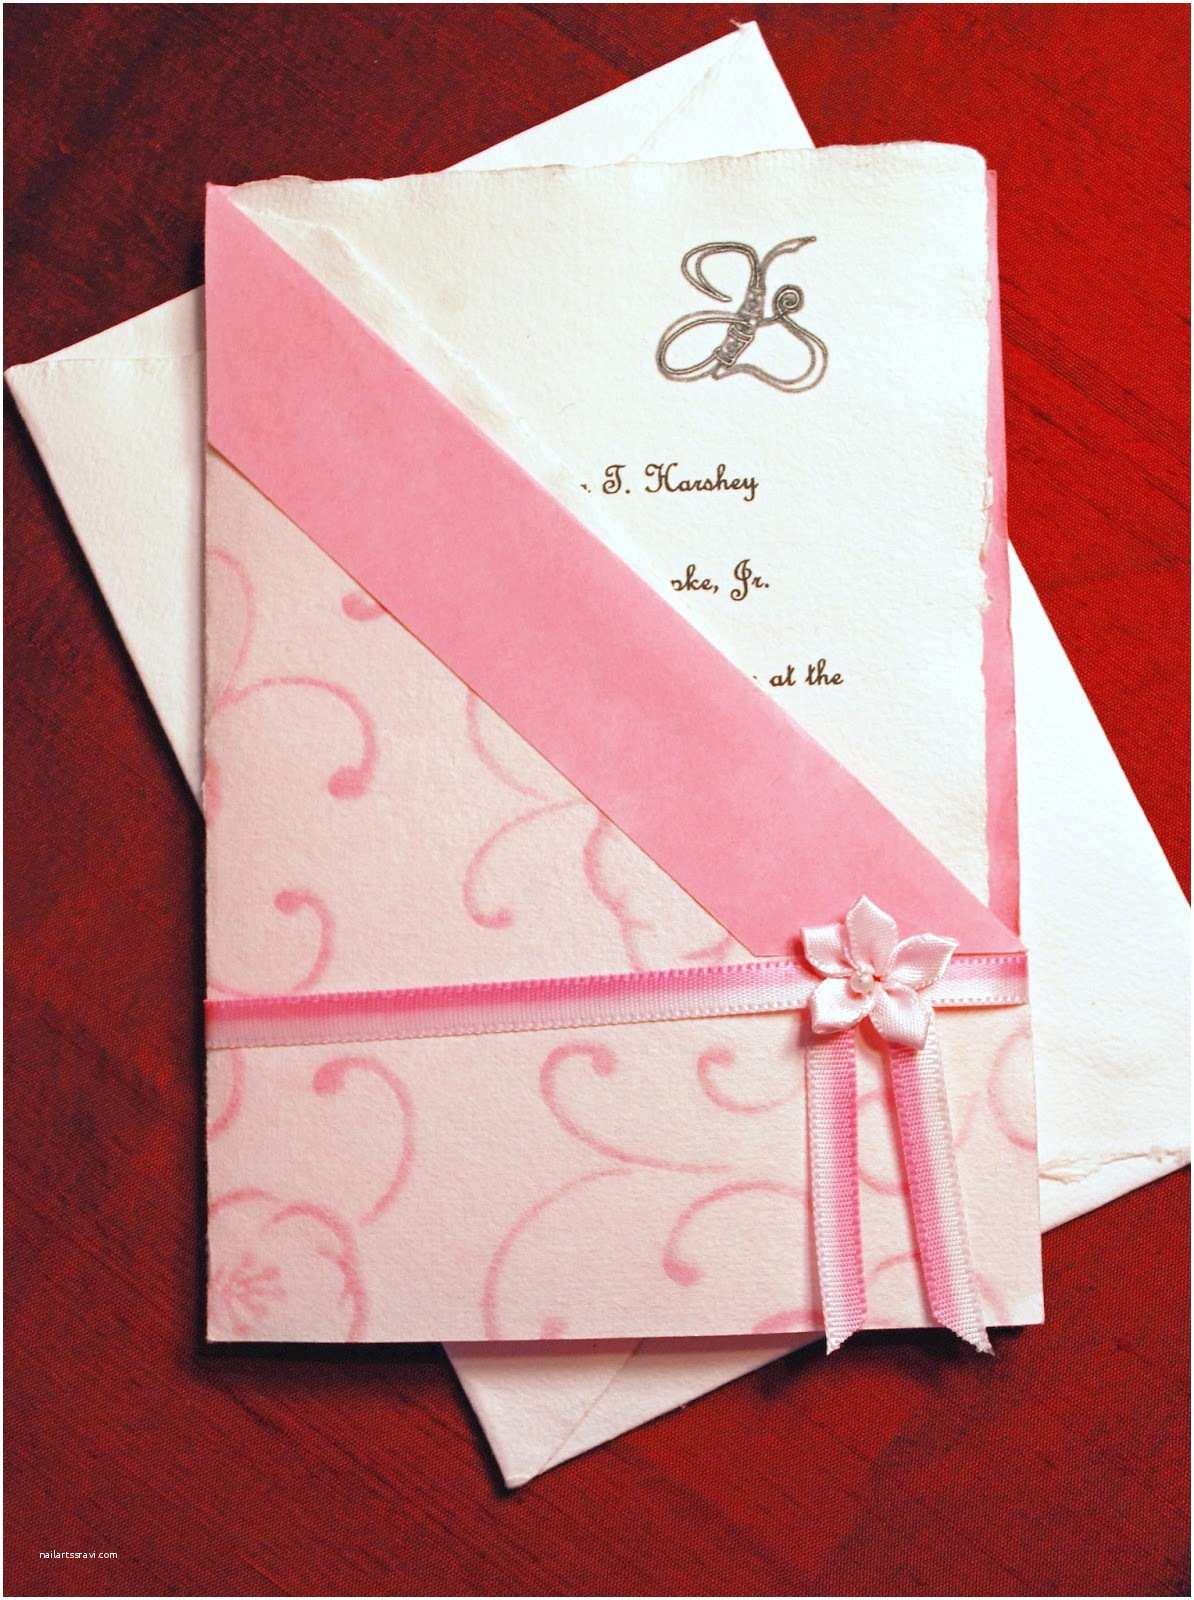 Wedding Invitation Images Pocket Wedding Invitations Pocket Wedding Invitations